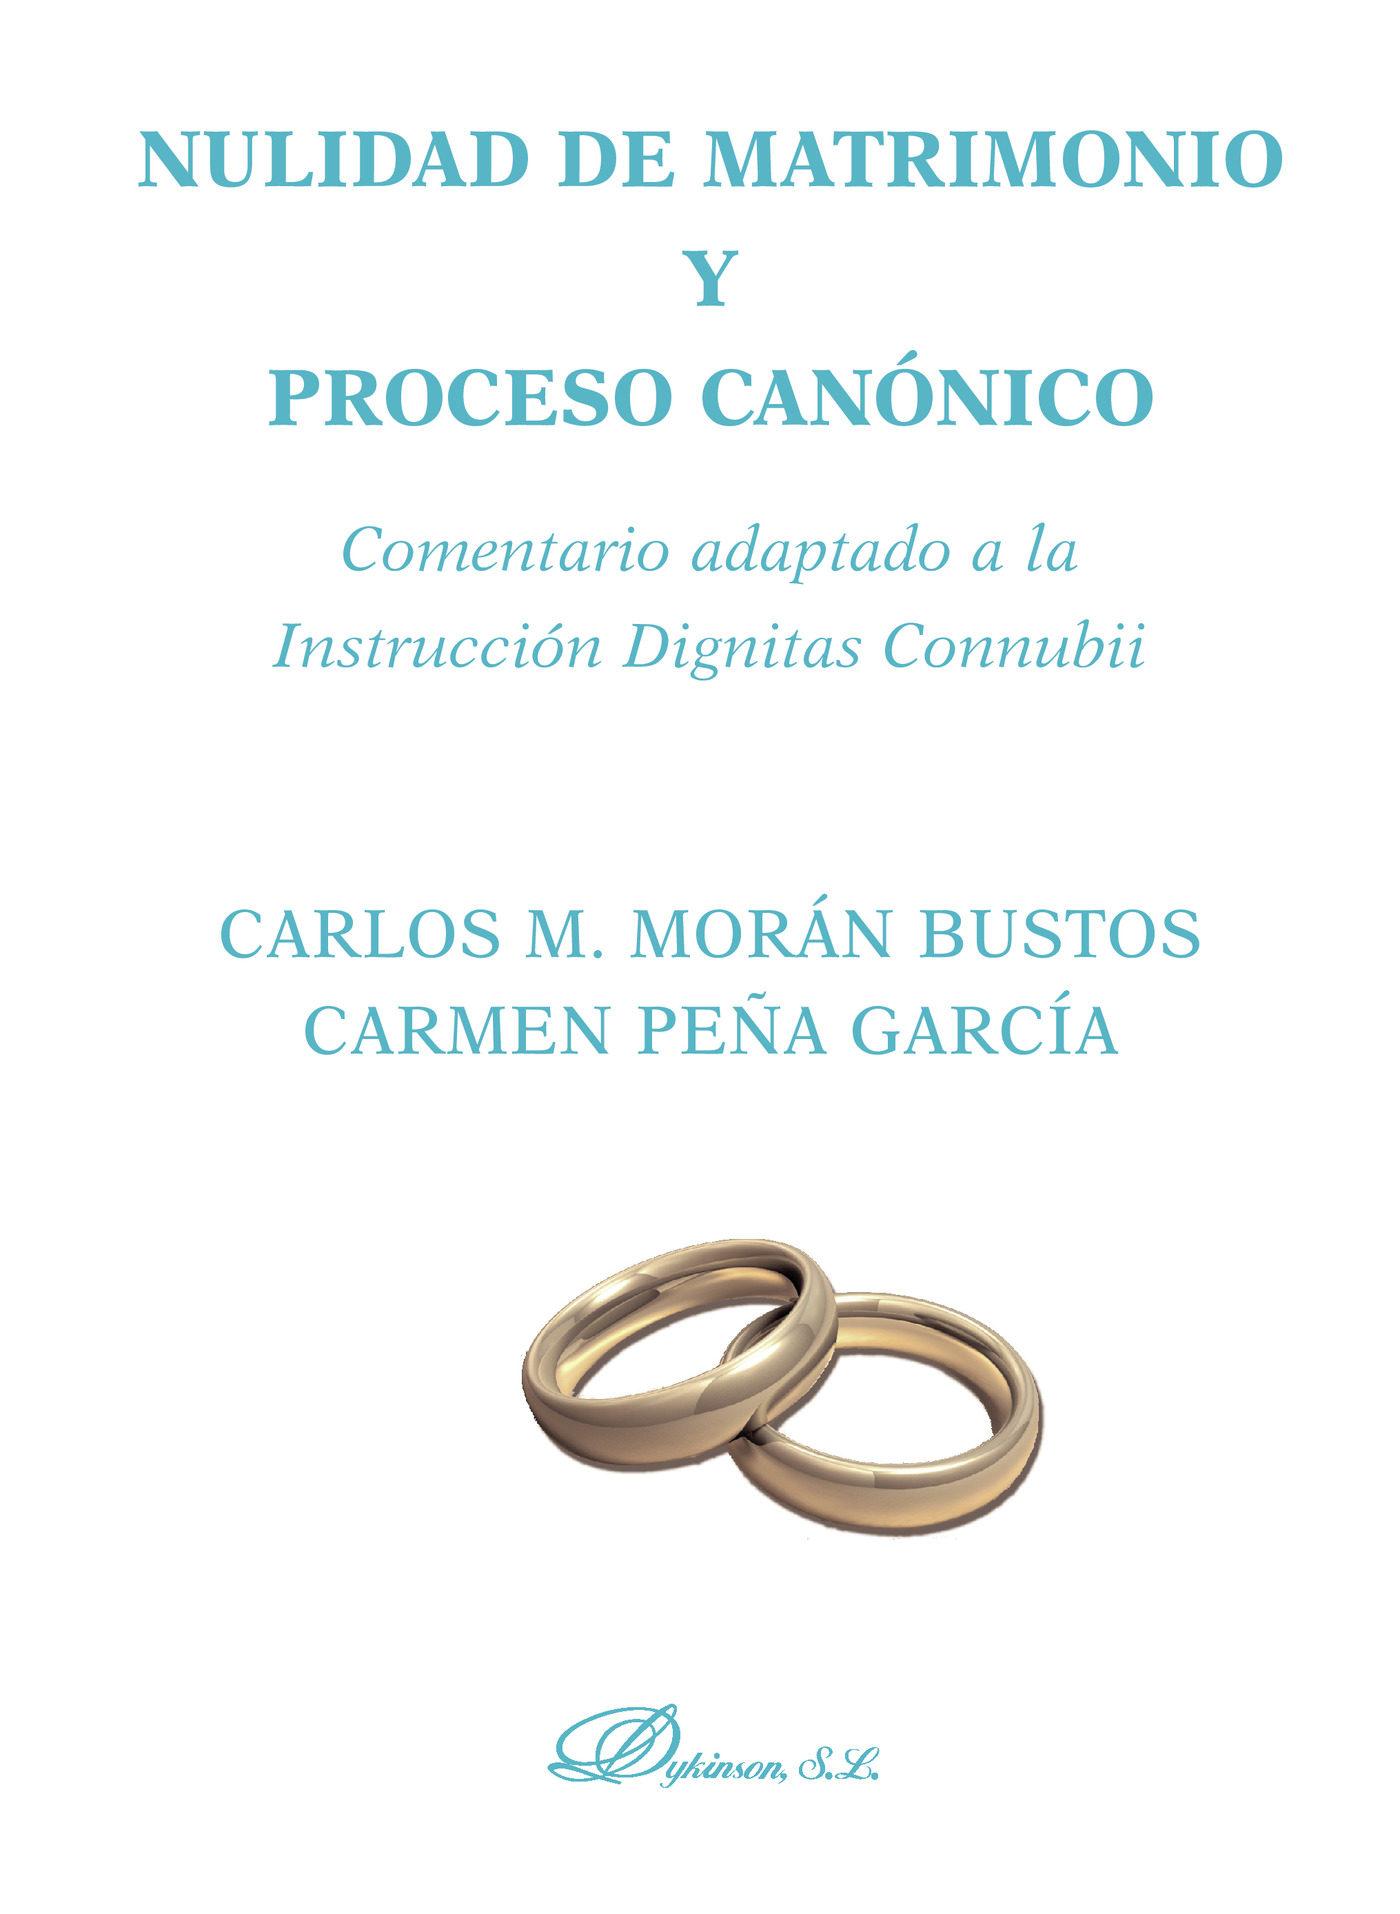 Nulidad De Matrimonio Y Proceso Canonico: Comentario Adaptado A L A Instruccion Dignitas Connubii por Carlos Manuel Moran Bustos epub